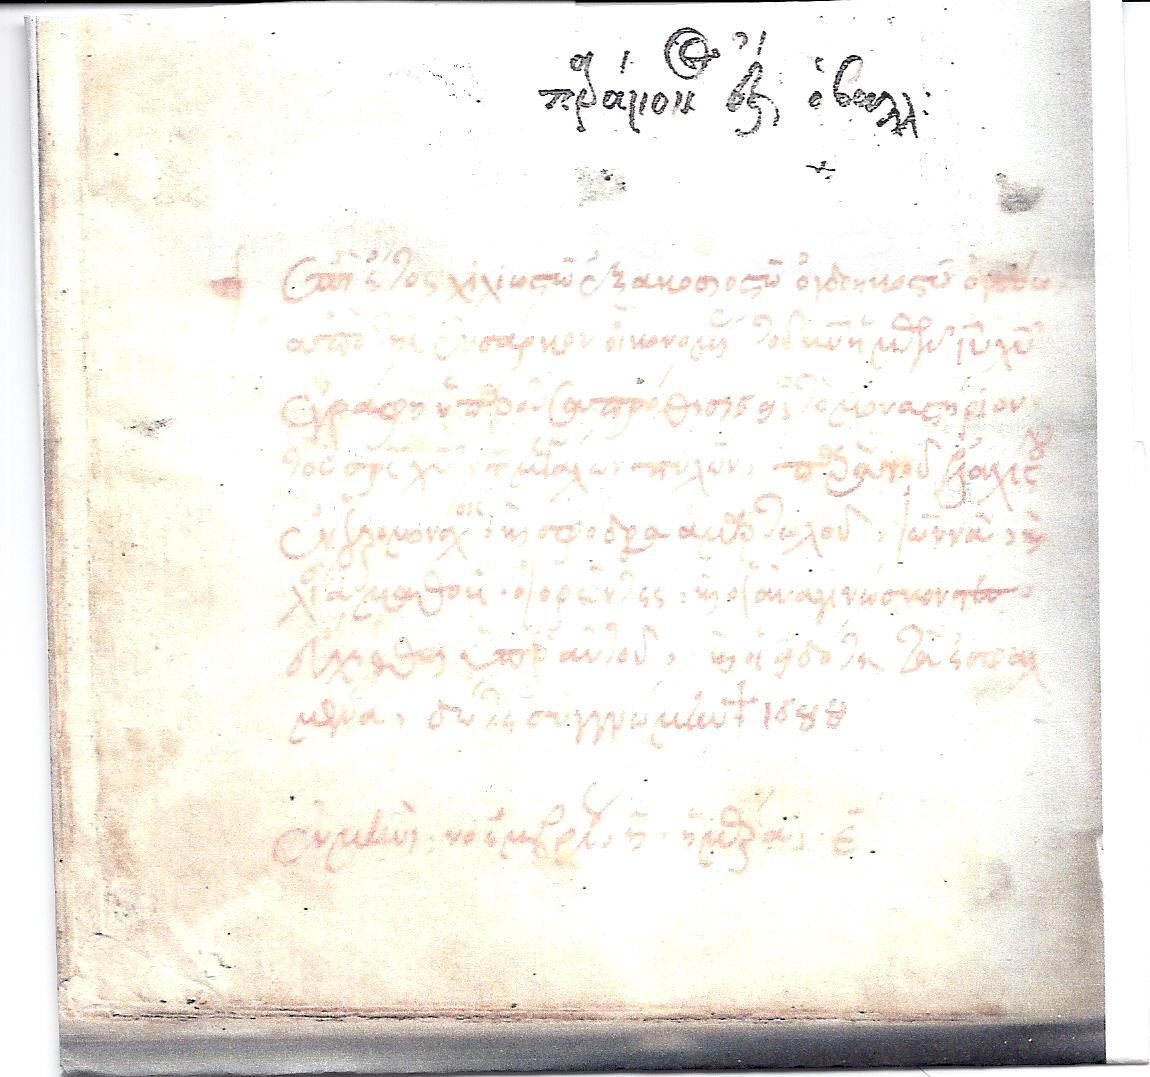 Η με αρ. 37 Πρόθεση της Ι.Μ. Δούσικου του έτους 1688. (Αρχείο Γεωργ. Μπαντή).